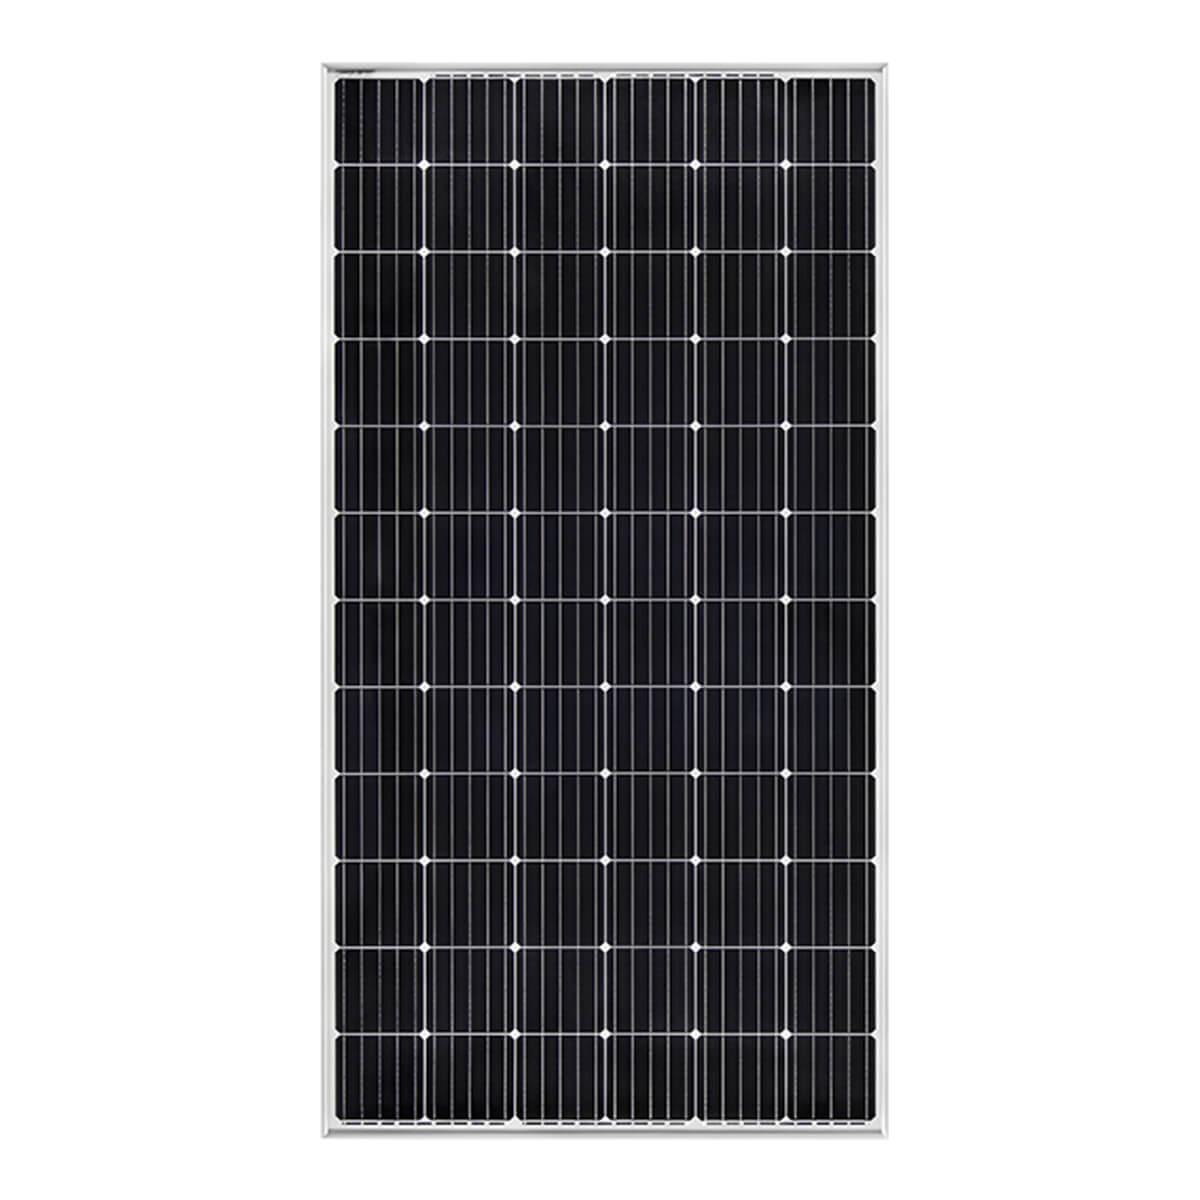 2h enerji winasol 395W panel, 2h enerji winasol 395Watt panel, 2h enerji winasol 395 W panel, 2h enerji winasol 395 Watt panel, 2h enerji winasol 395 Watt monokristal panel, 2h enerji winasol 395 W watt gunes paneli, 2h enerji winasol 395 W watt monokristal gunes paneli, 2h enerji winasol 395 W Watt fotovoltaik monokristal solar panel, 2h enerji winasol 395W monokristal gunes enerjisi, 2h enerji winasol 72-M3-395W panel, WINASOL 395 WATT